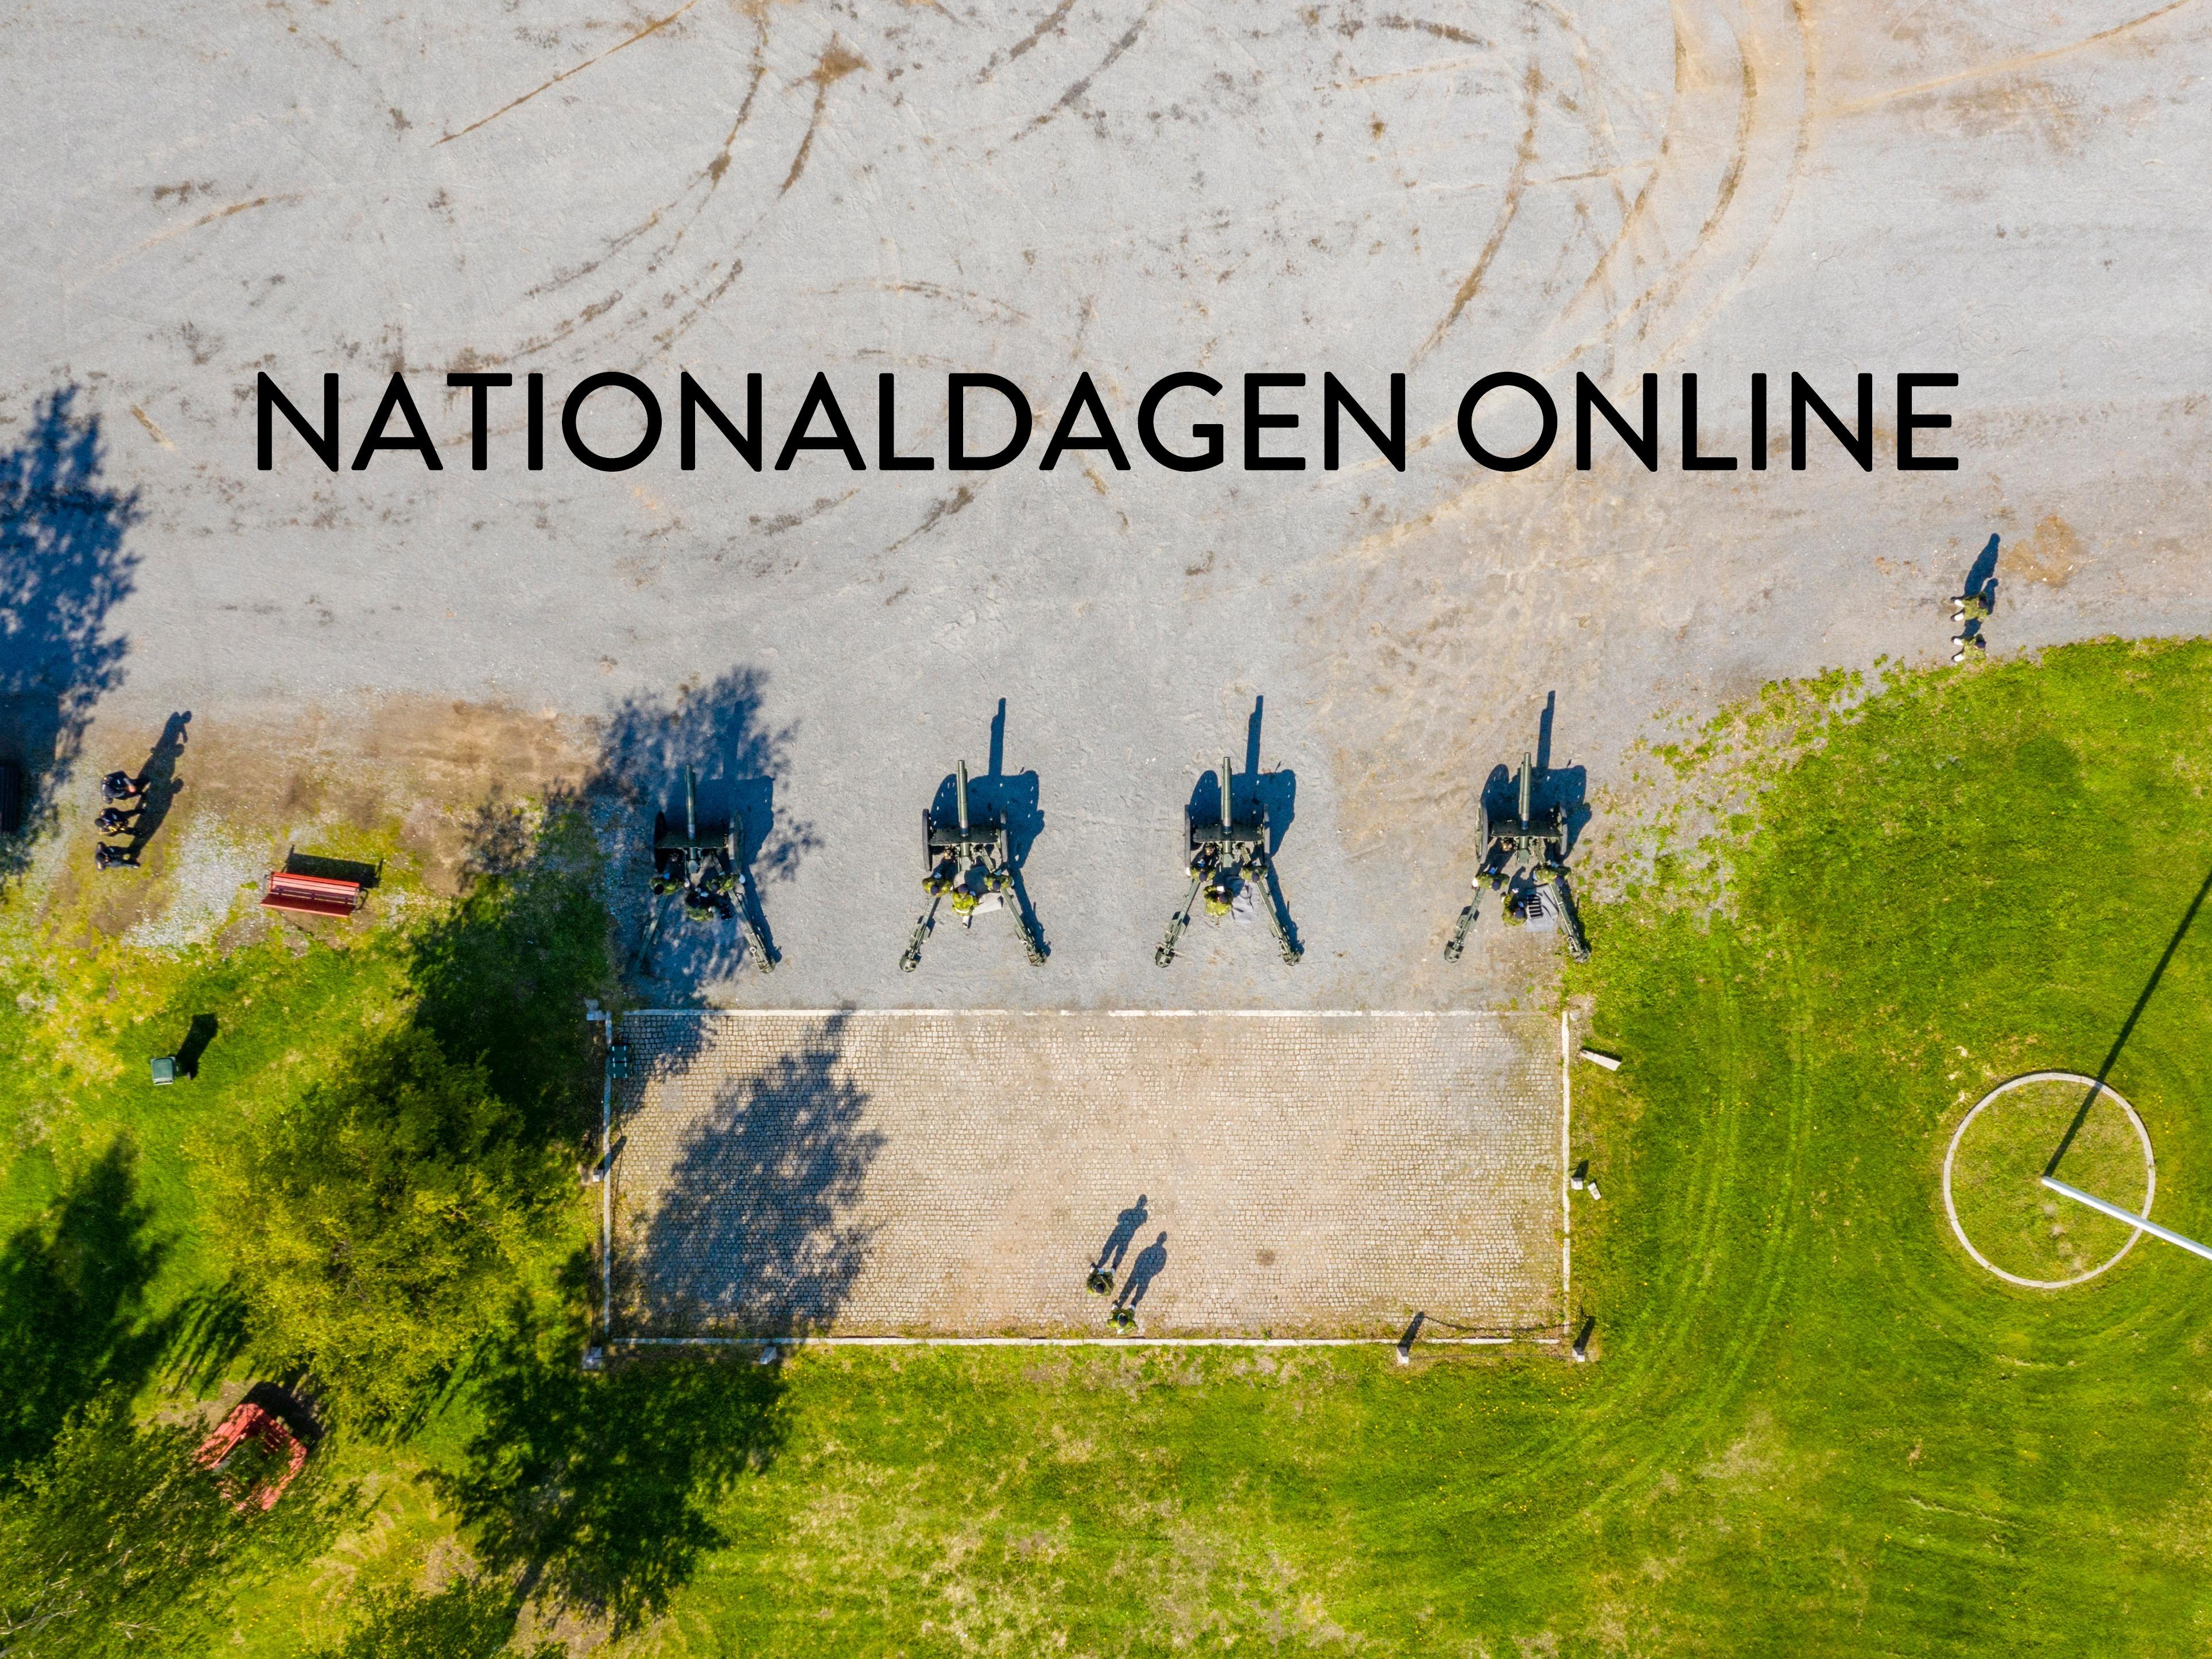 Nationaldagen online